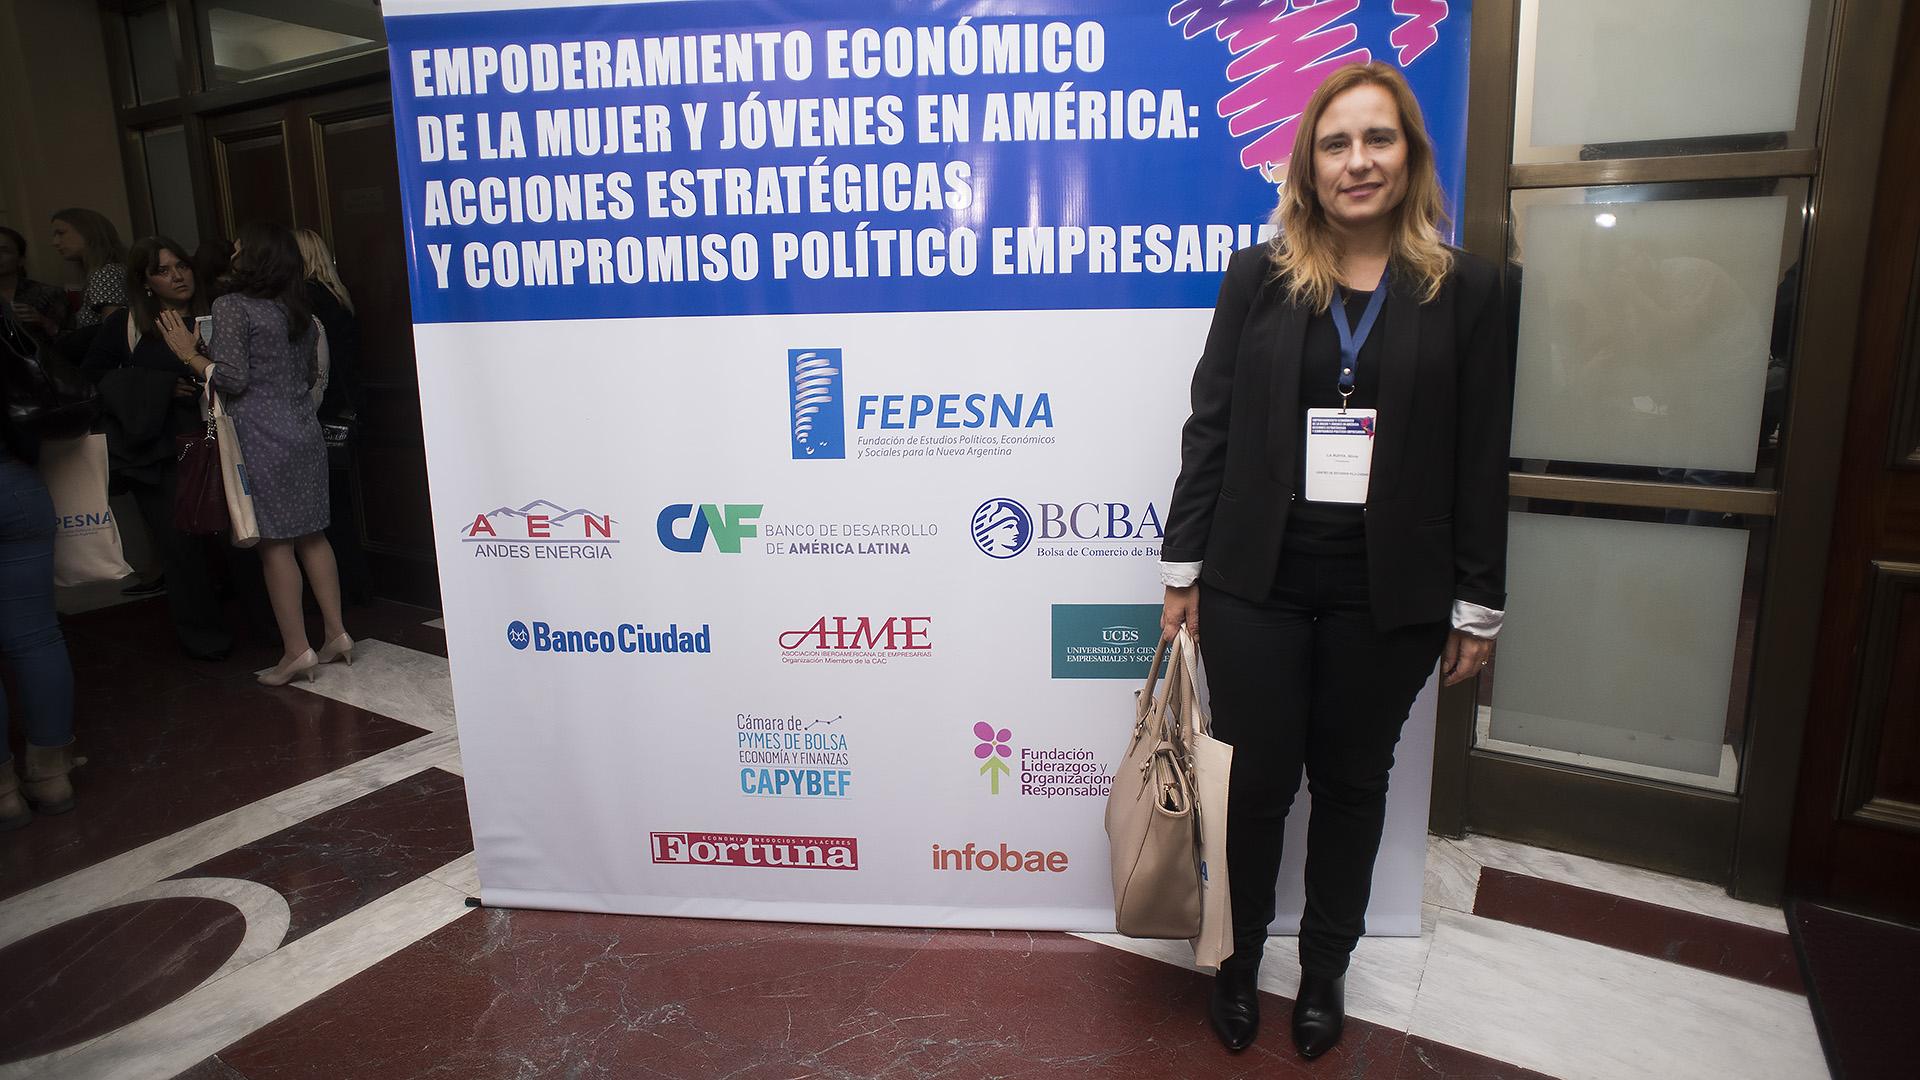 Silvia La Ruffa, presidenta de Centro de Estudios para la Ciudad (Adrián Escandar)